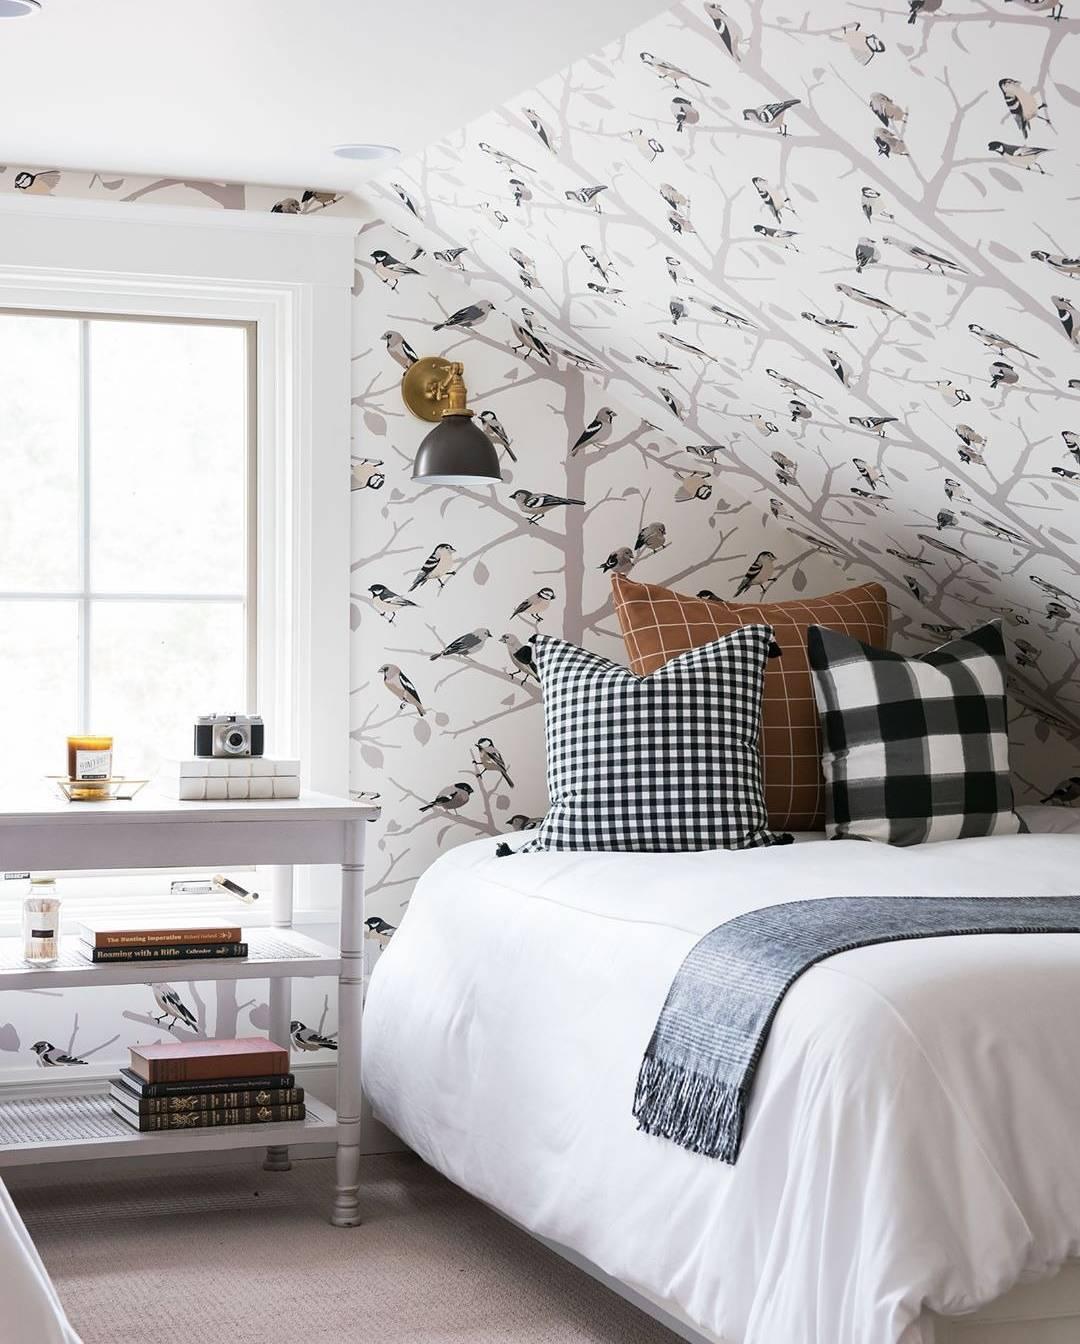 Camera da letto - Decorare le pareti della camera da letto ...